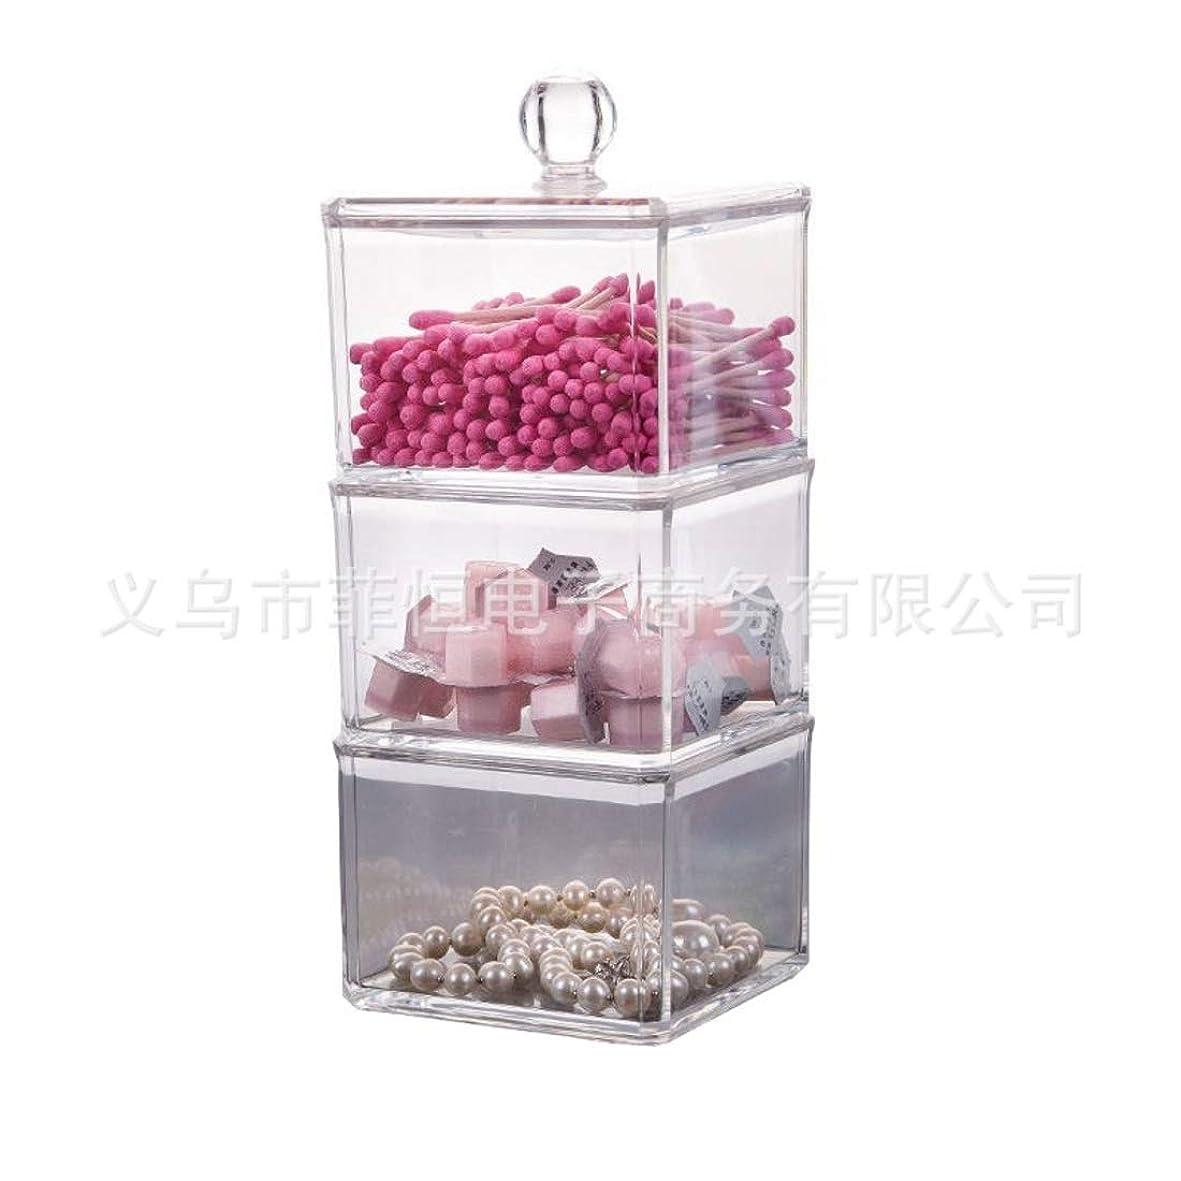 ロータリー仮装不当Tianmey 多層透明クリスタル綿棒箱化粧品綿箱小物収納ボックスデスクトップ化粧品コレクションボックス (Color : Clear)